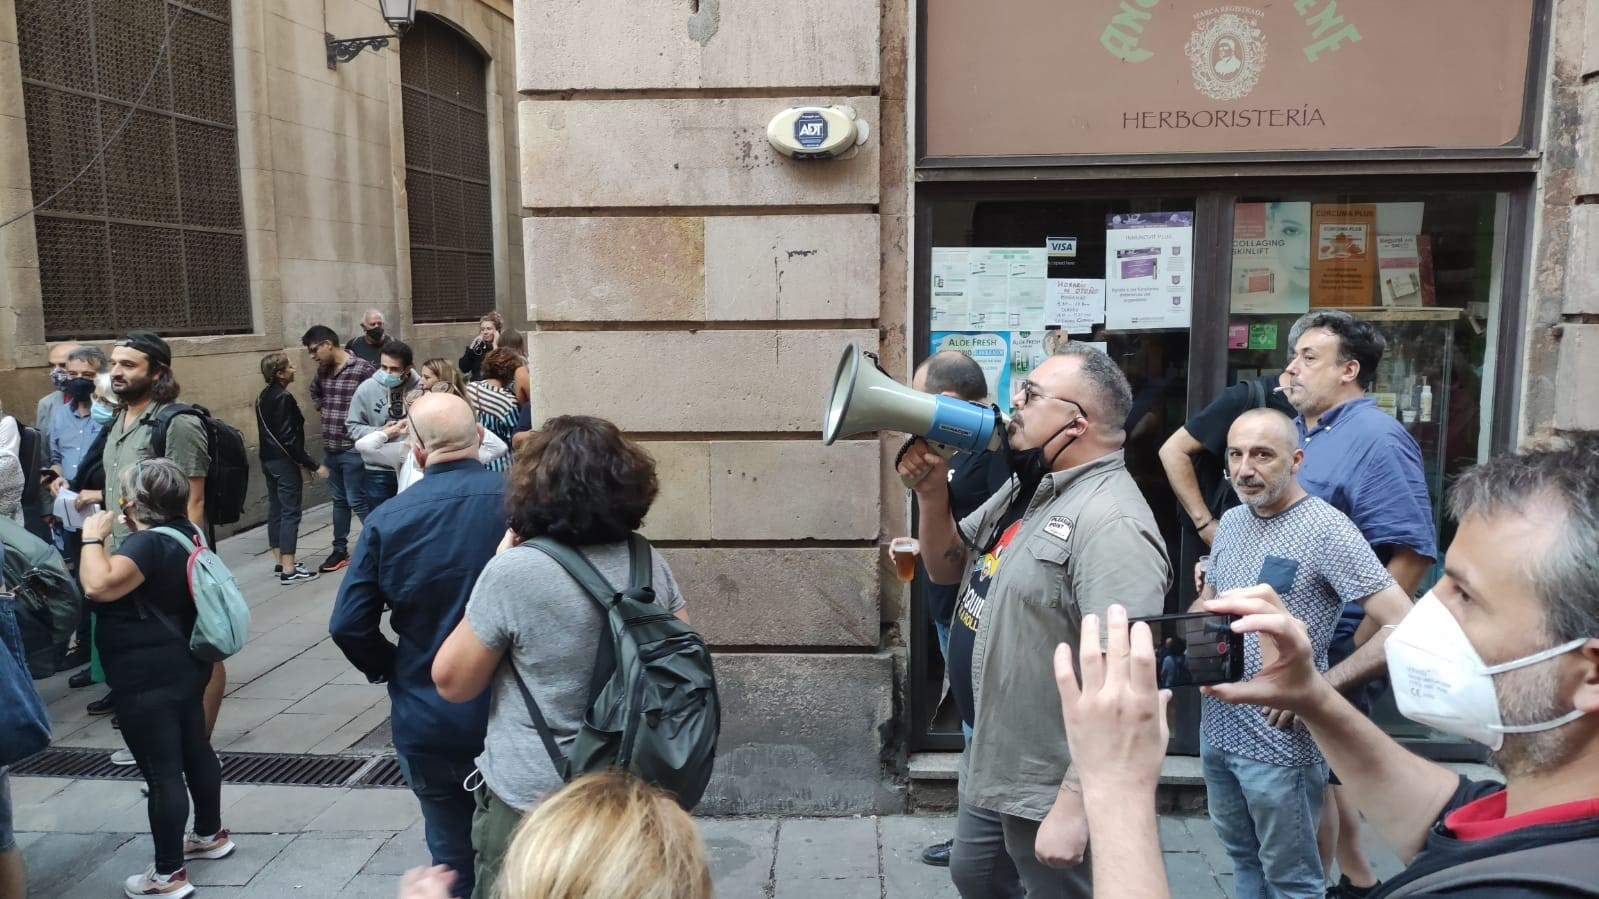 Uns quants manifestants protesten amb megàfons i xiulets a prop de Sant Jaume / Europa Press